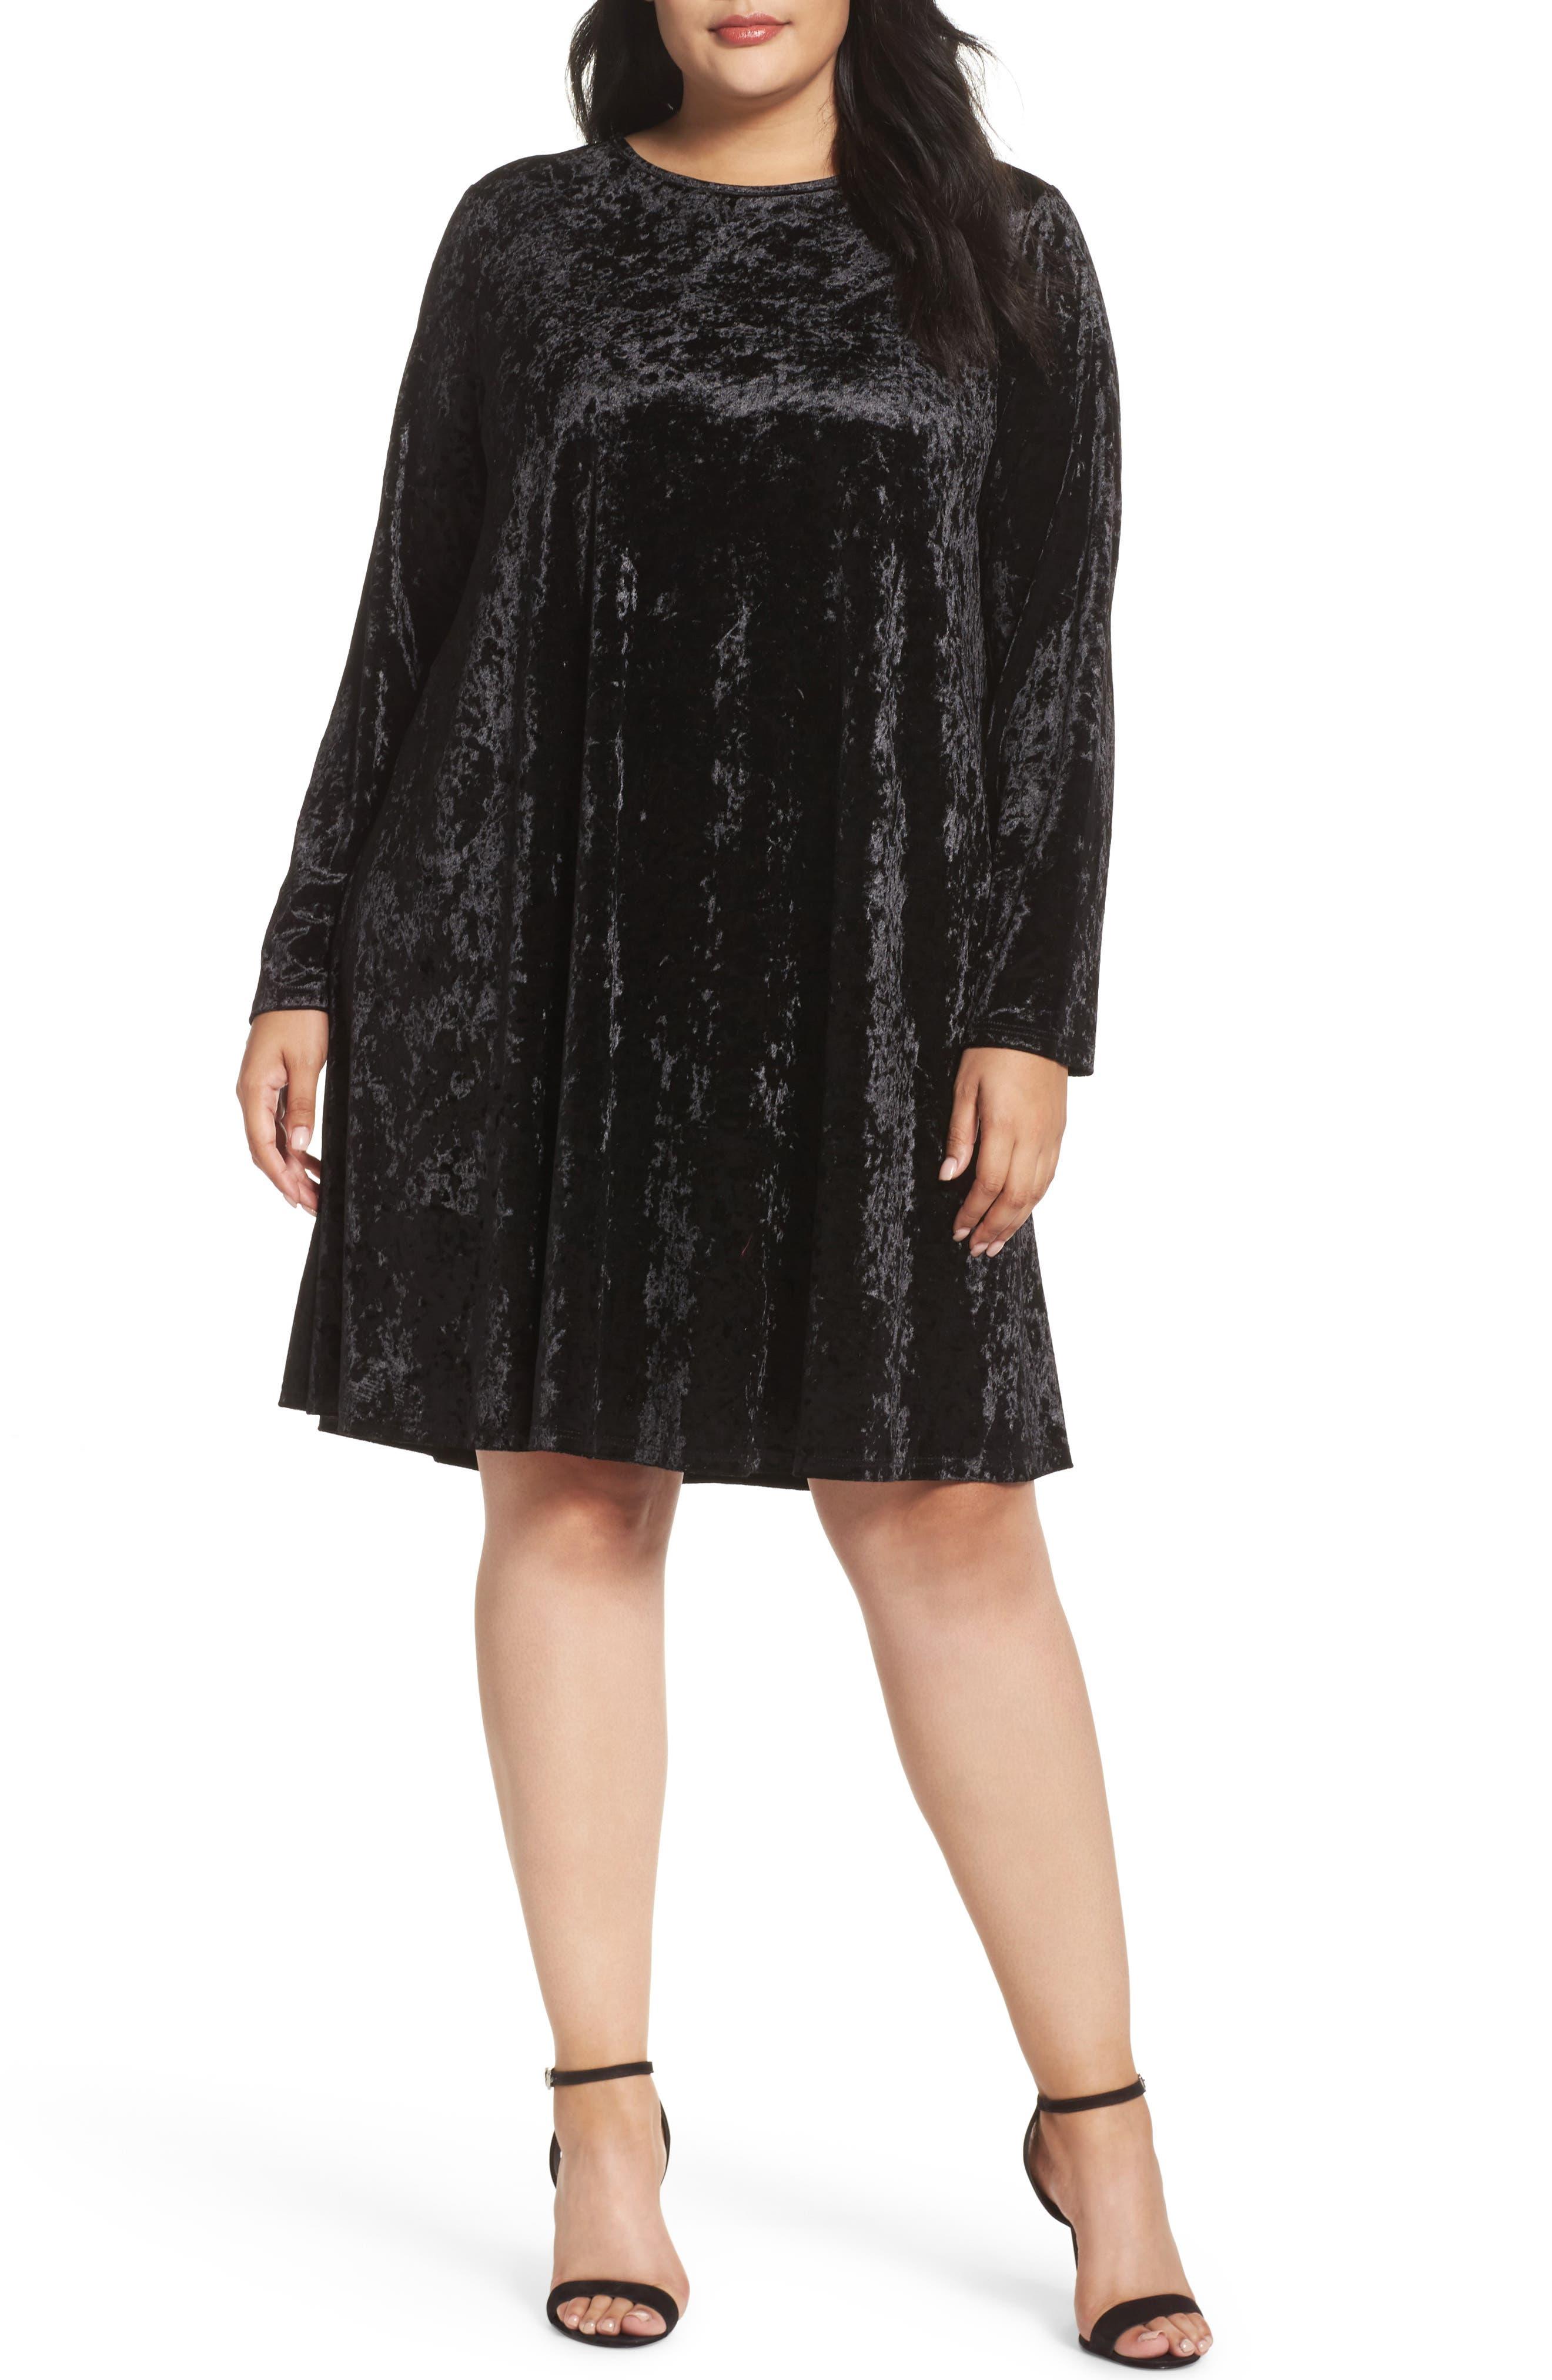 Pluses size dresses